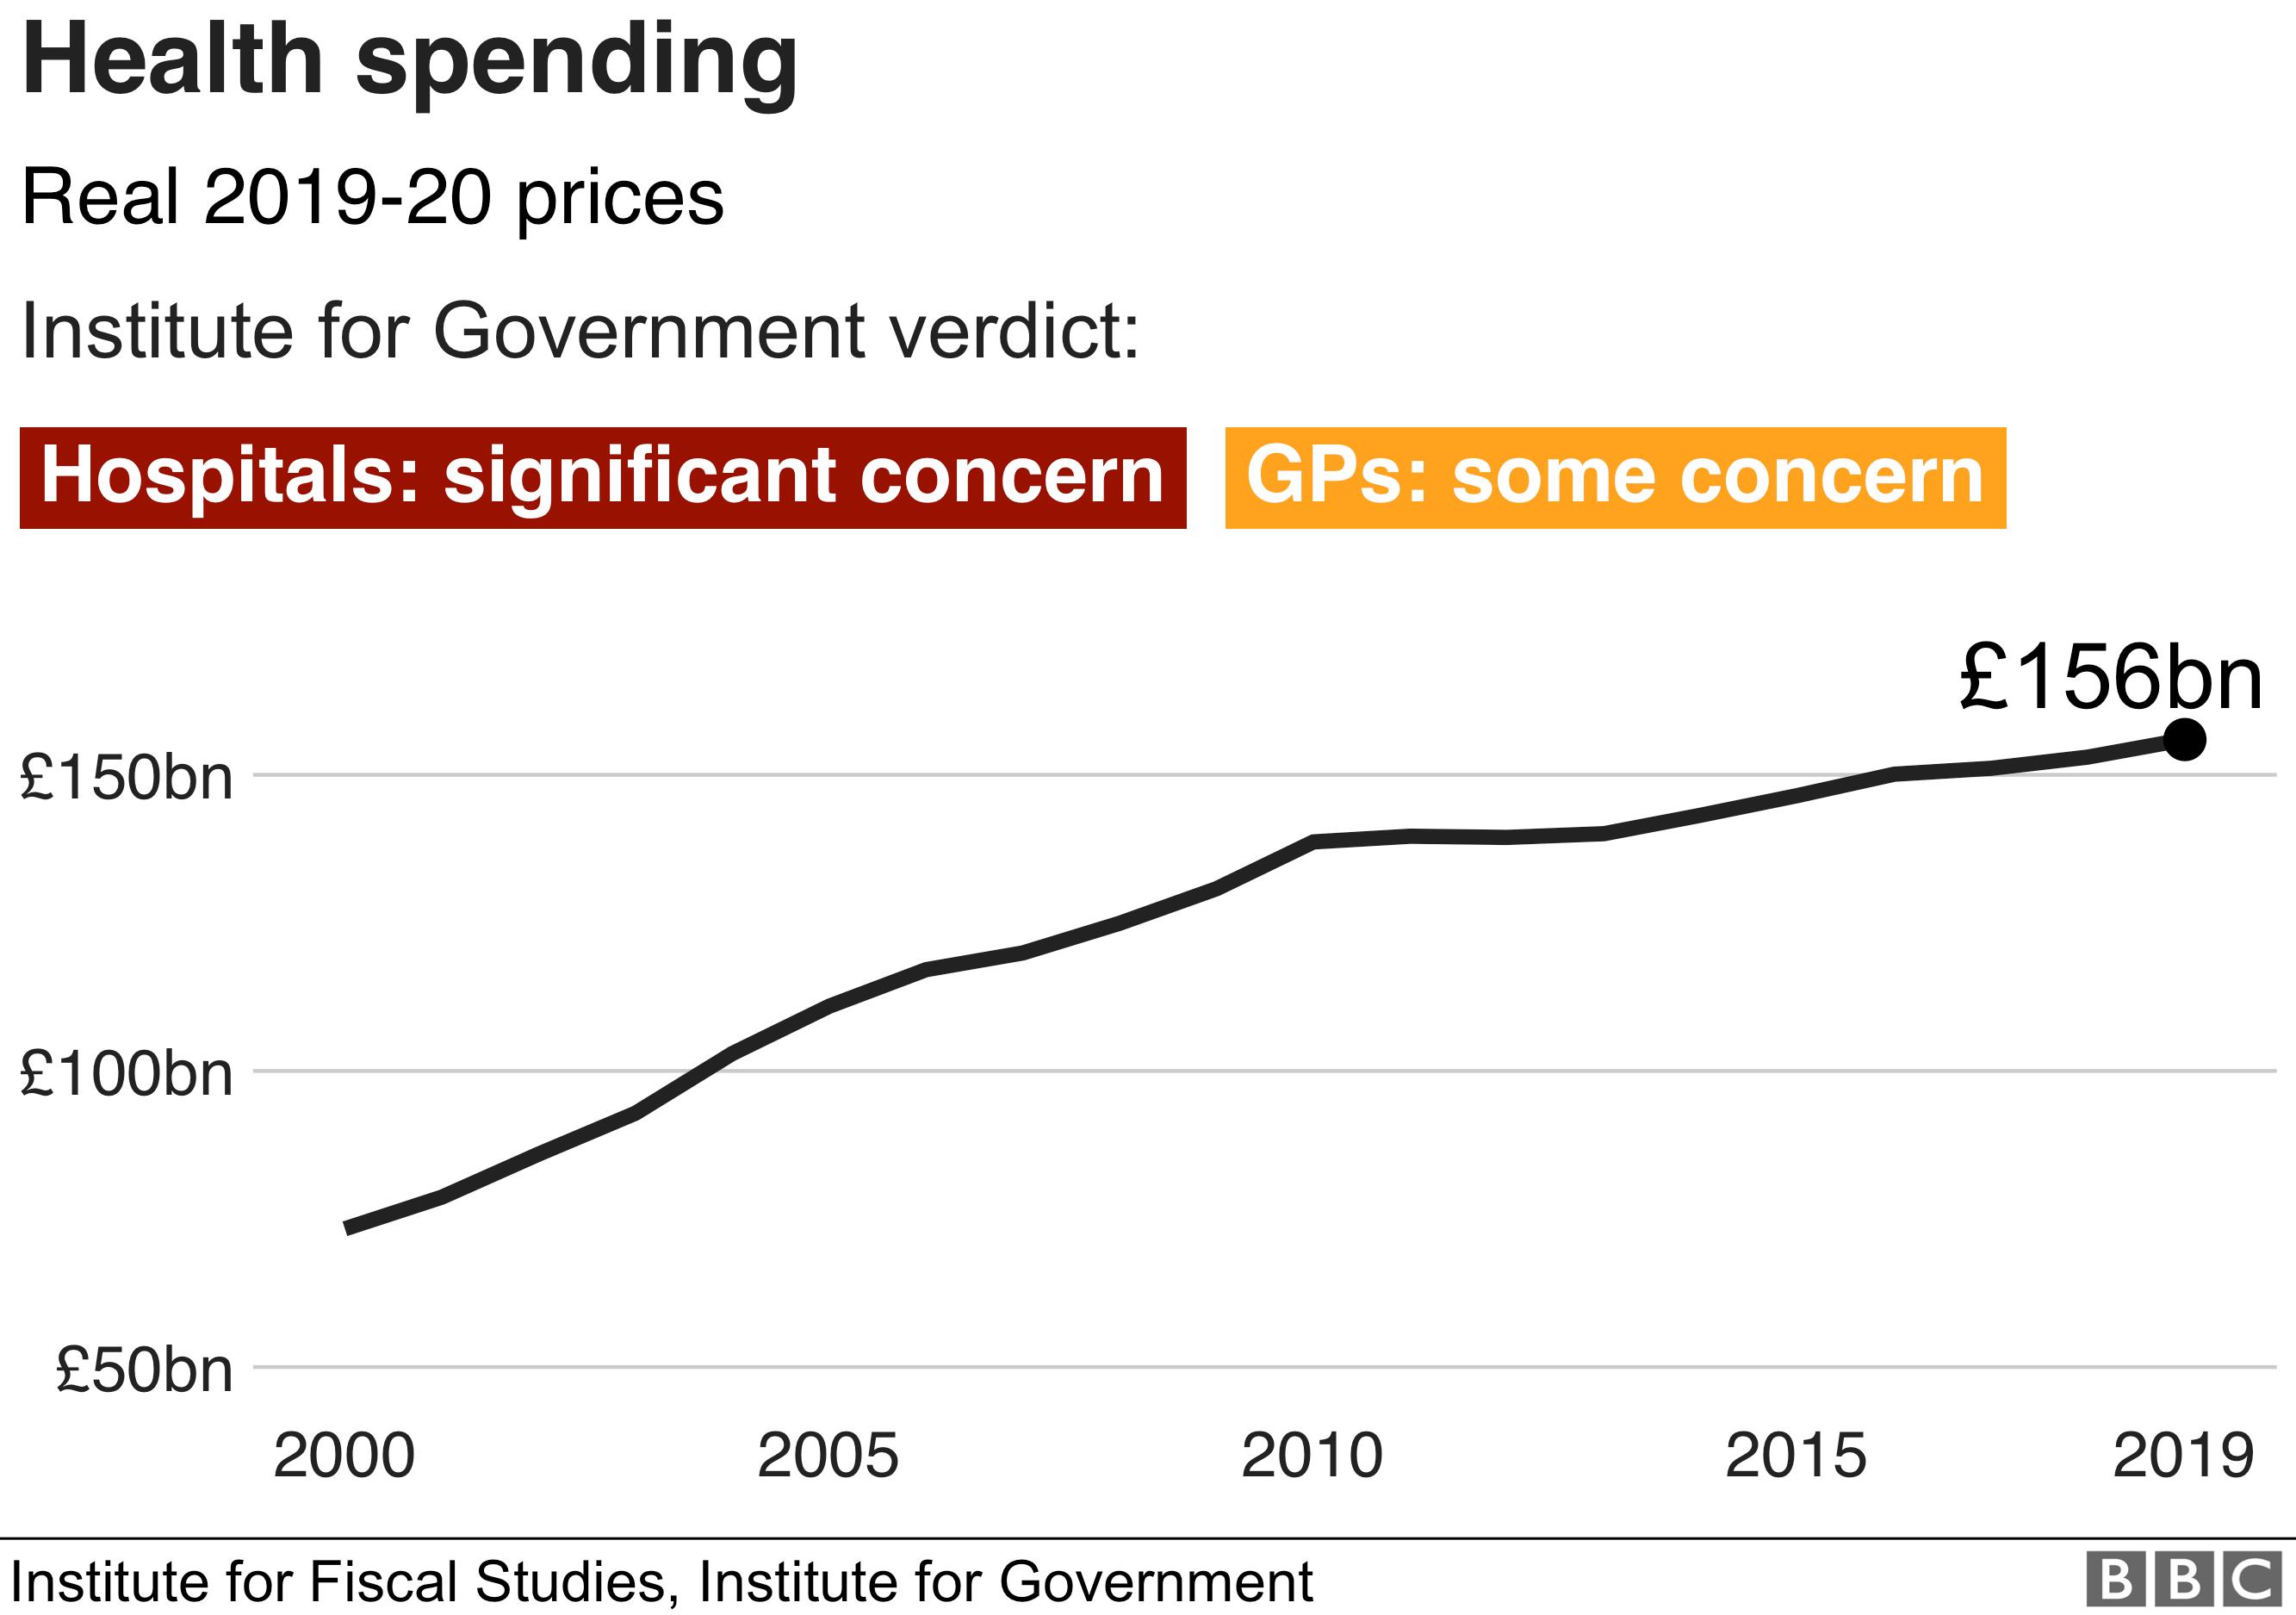 Health spending